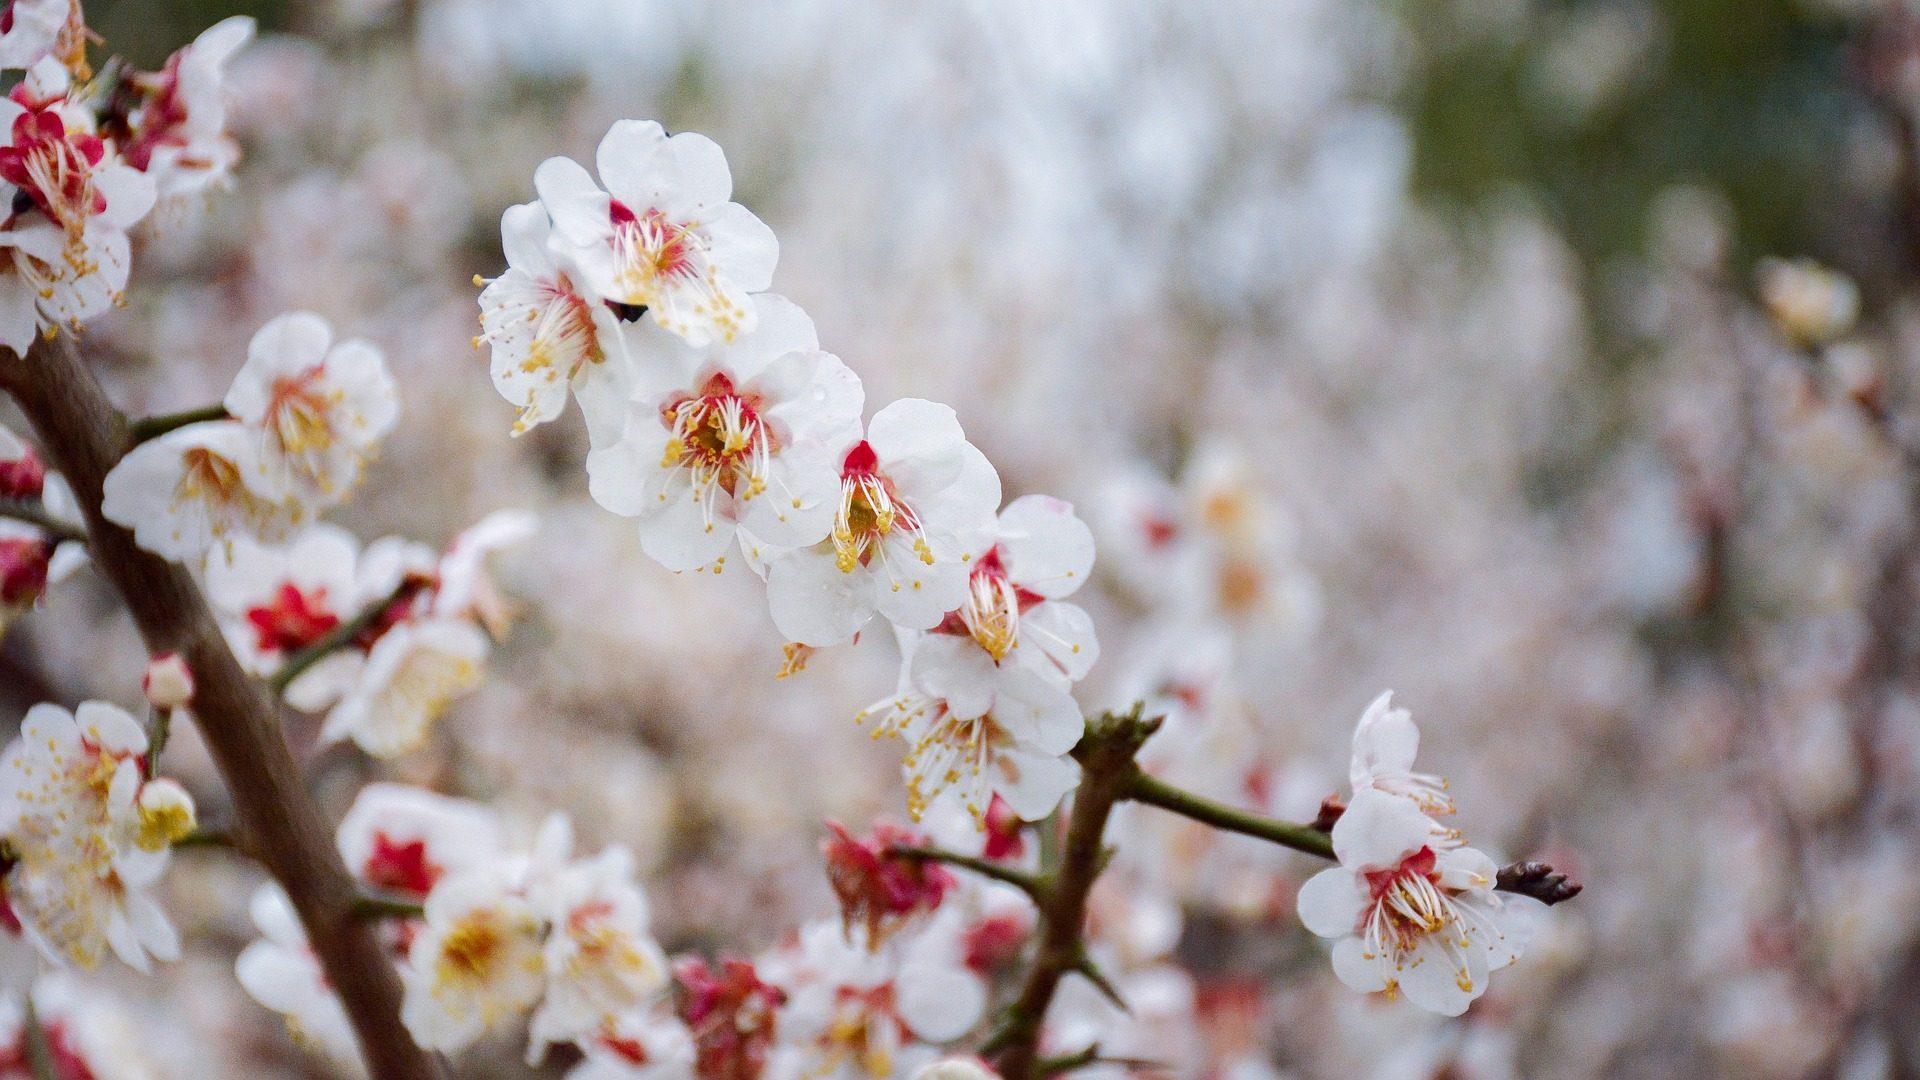 चेरी, फूल, पेड़, शाखा, ब्लूम - HD वॉलपेपर - प्रोफेसर-falken.com